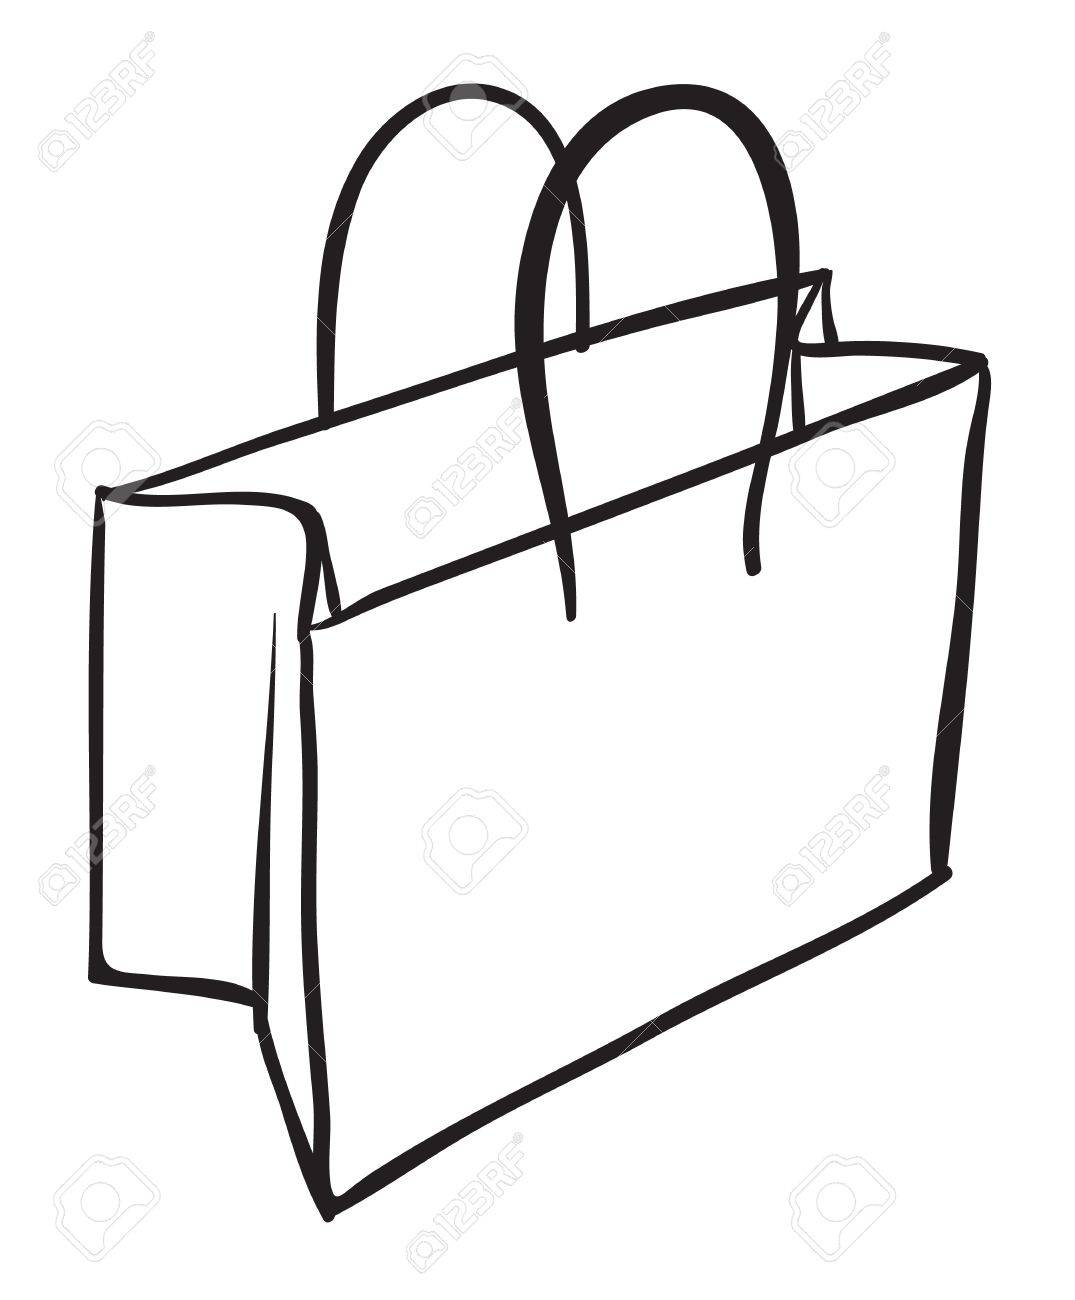 Paper bag sketch - Vector Illustration Of A Bag Sketch On White Background